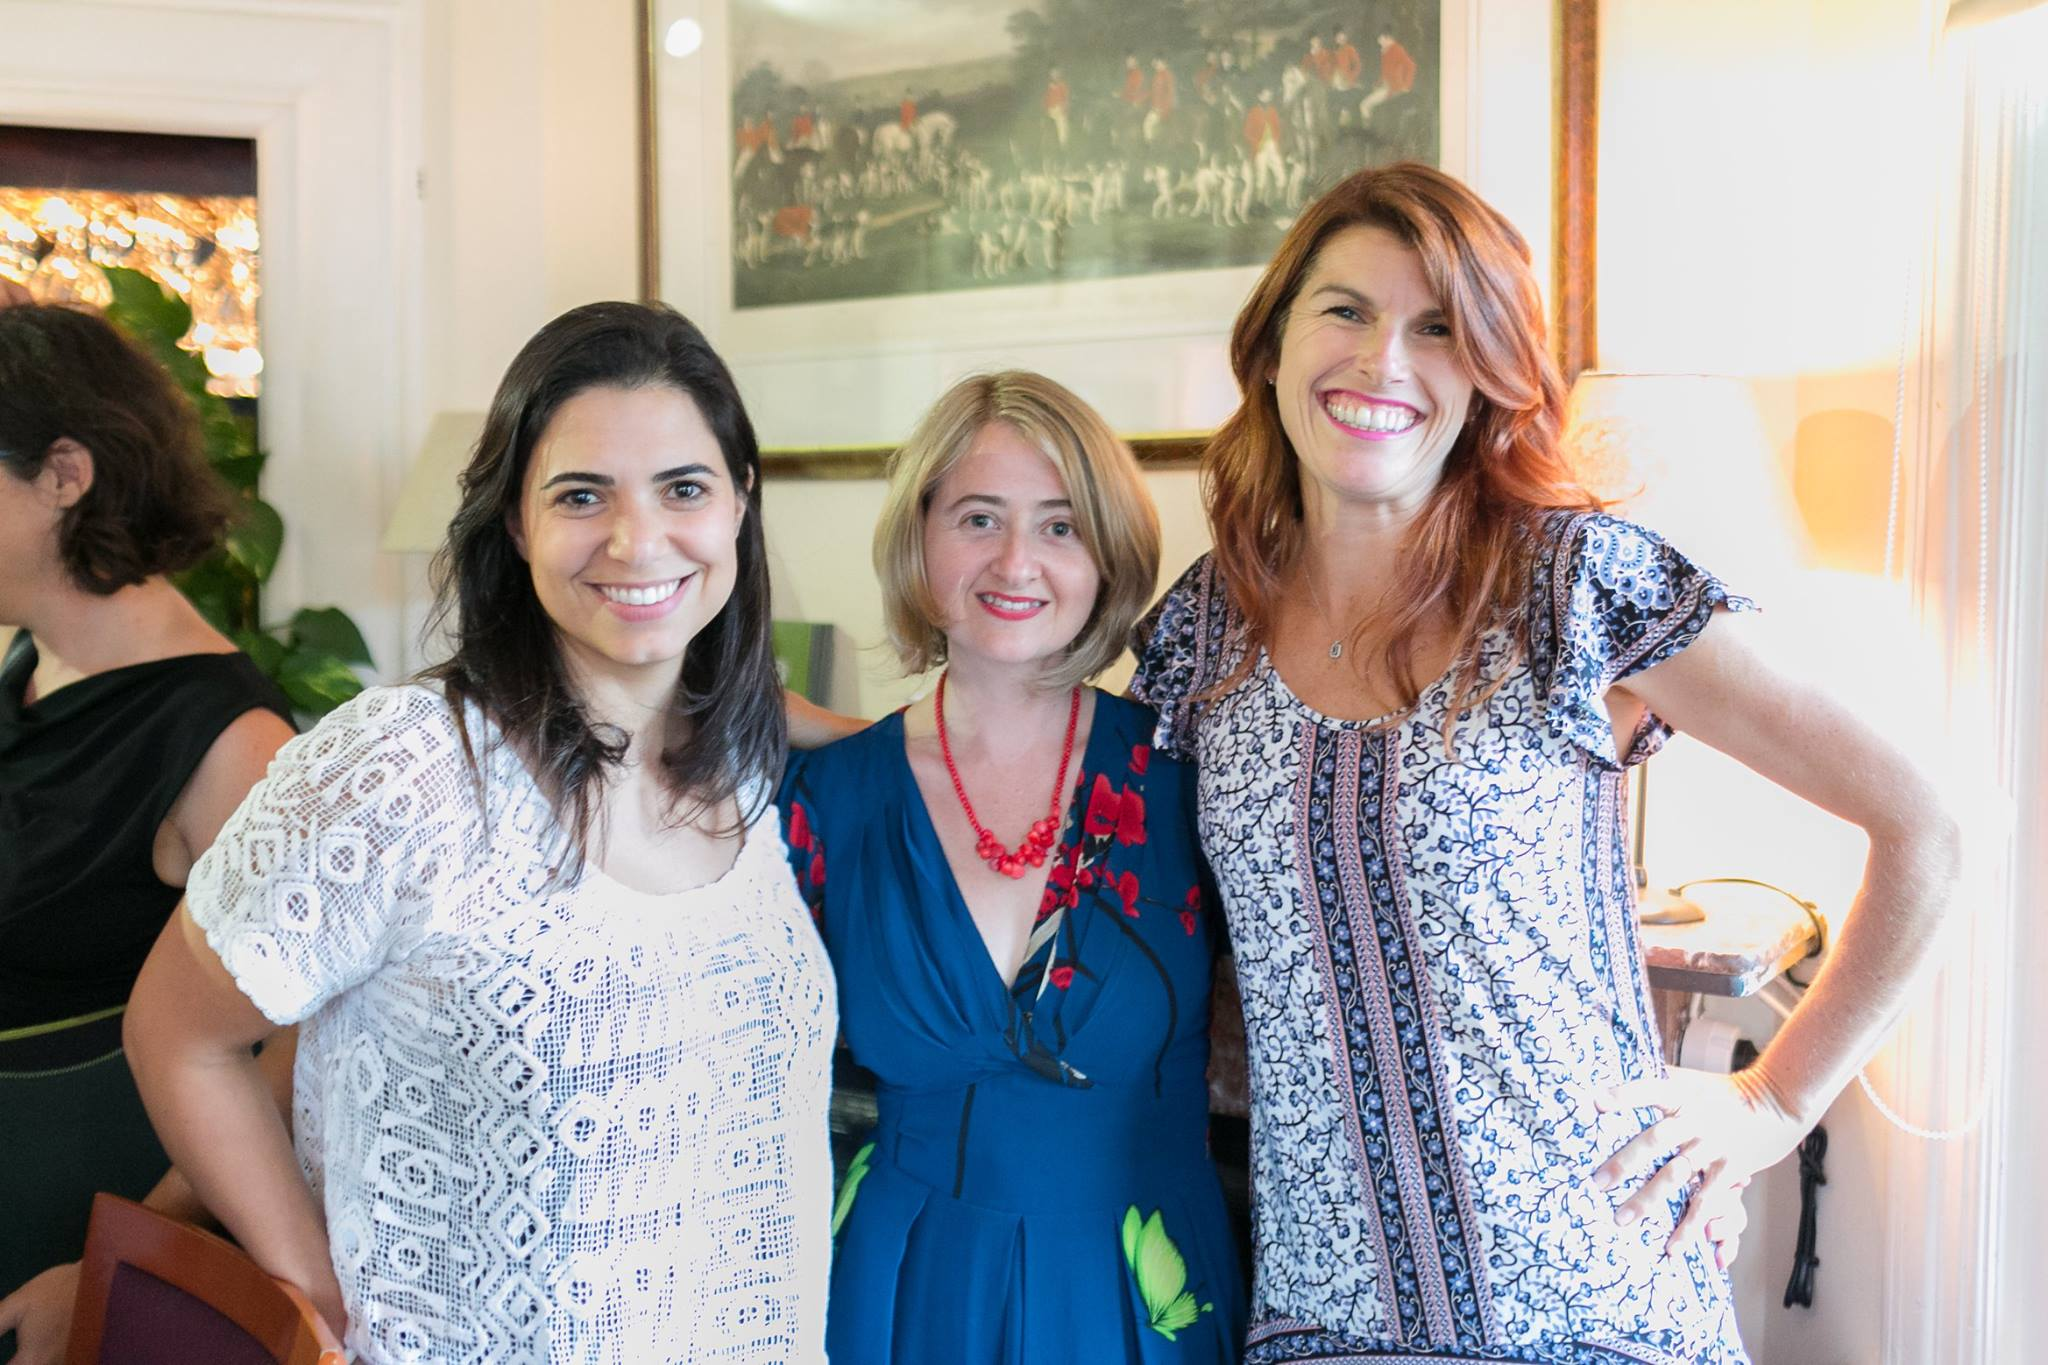 With Uldouz Van Eenoo and Lizzy Williamson